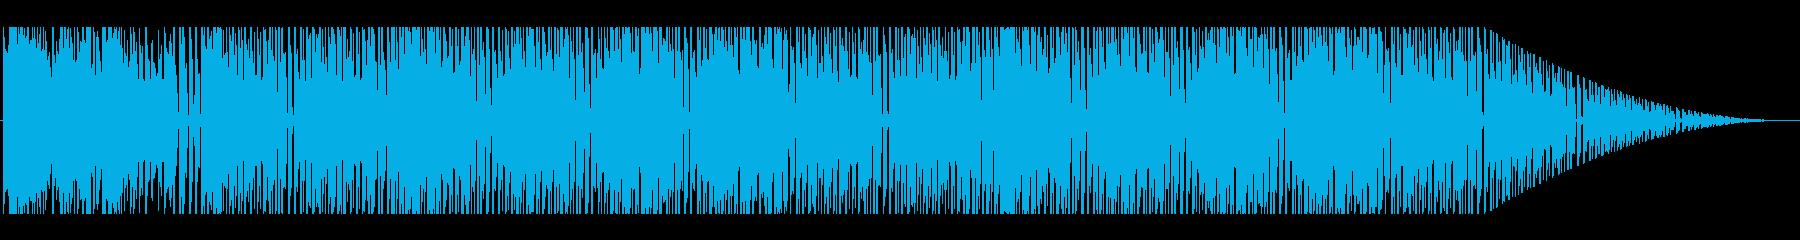 空に関連する乗り物、ステージに合うBGMの再生済みの波形